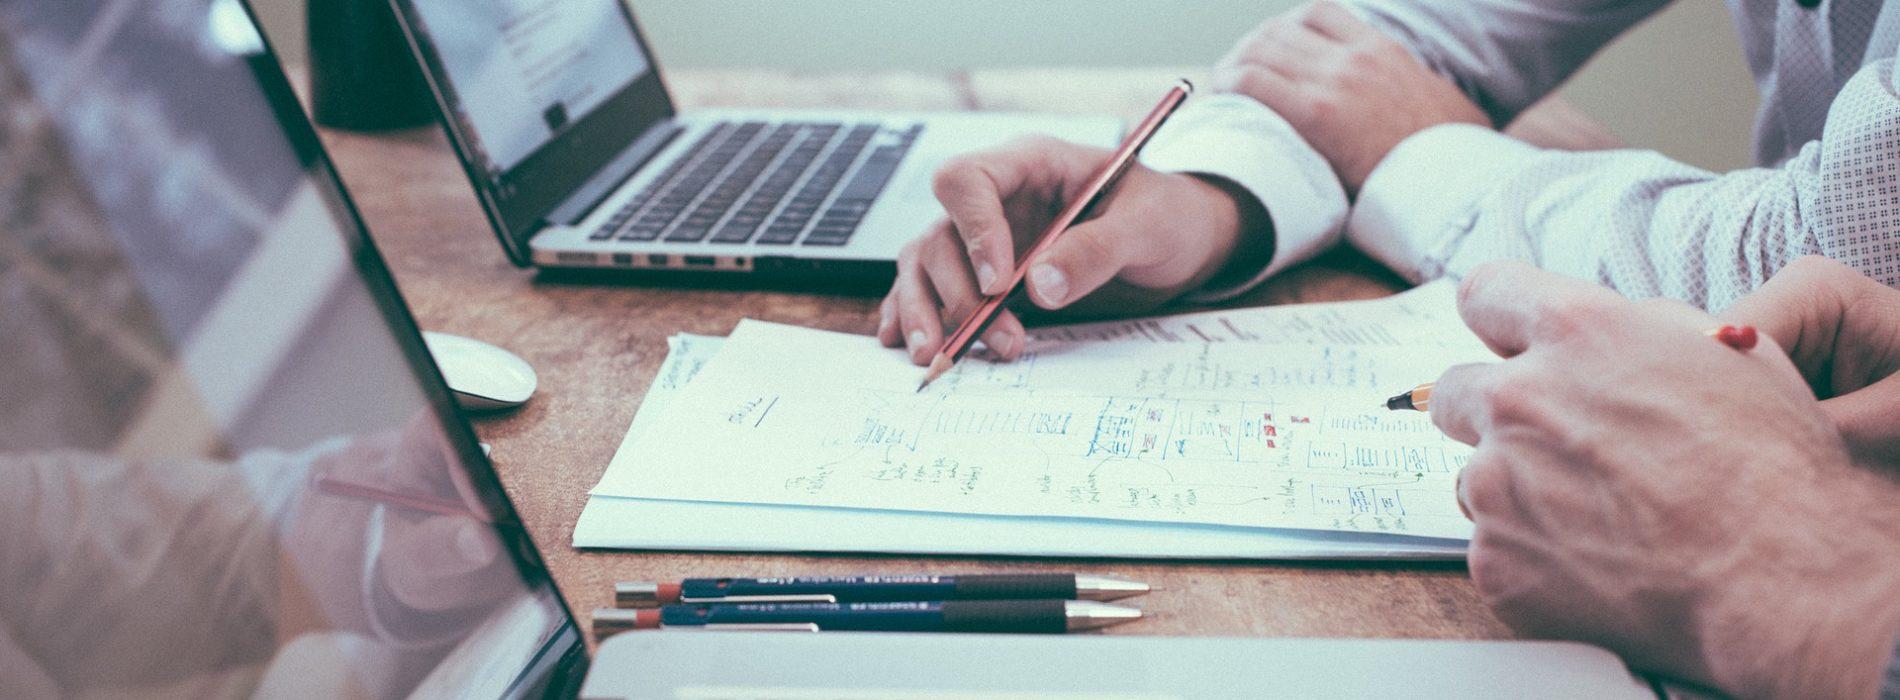 Twoja firma rośnie? Czas na zmiany – korzyści ze współpracy z Partnerem Salesforce